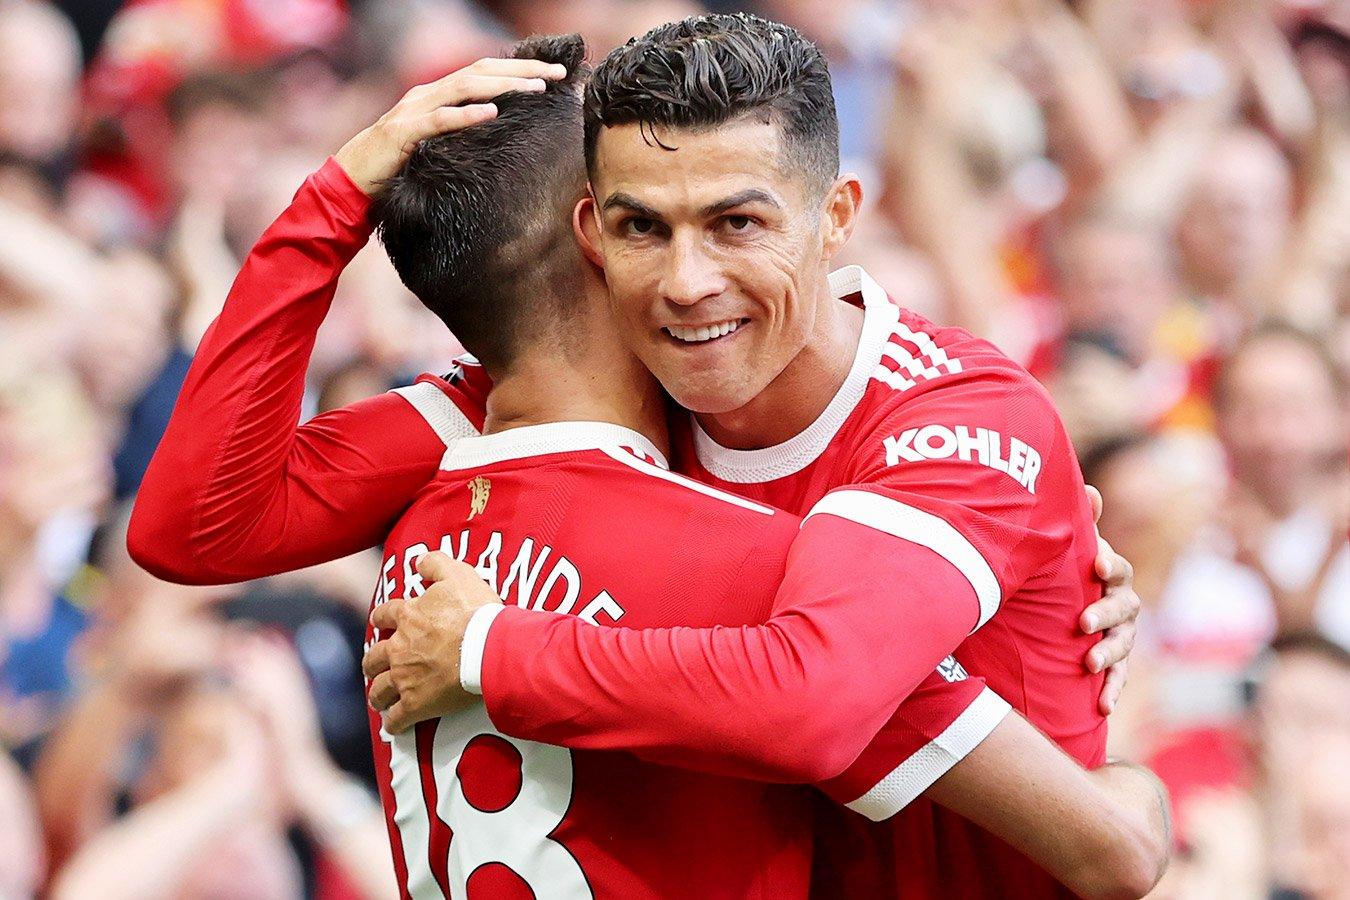 «Манчестер Юнайтед» обыграл «Ньюкасл». Роналду забил два гола после возвращения в АПЛ